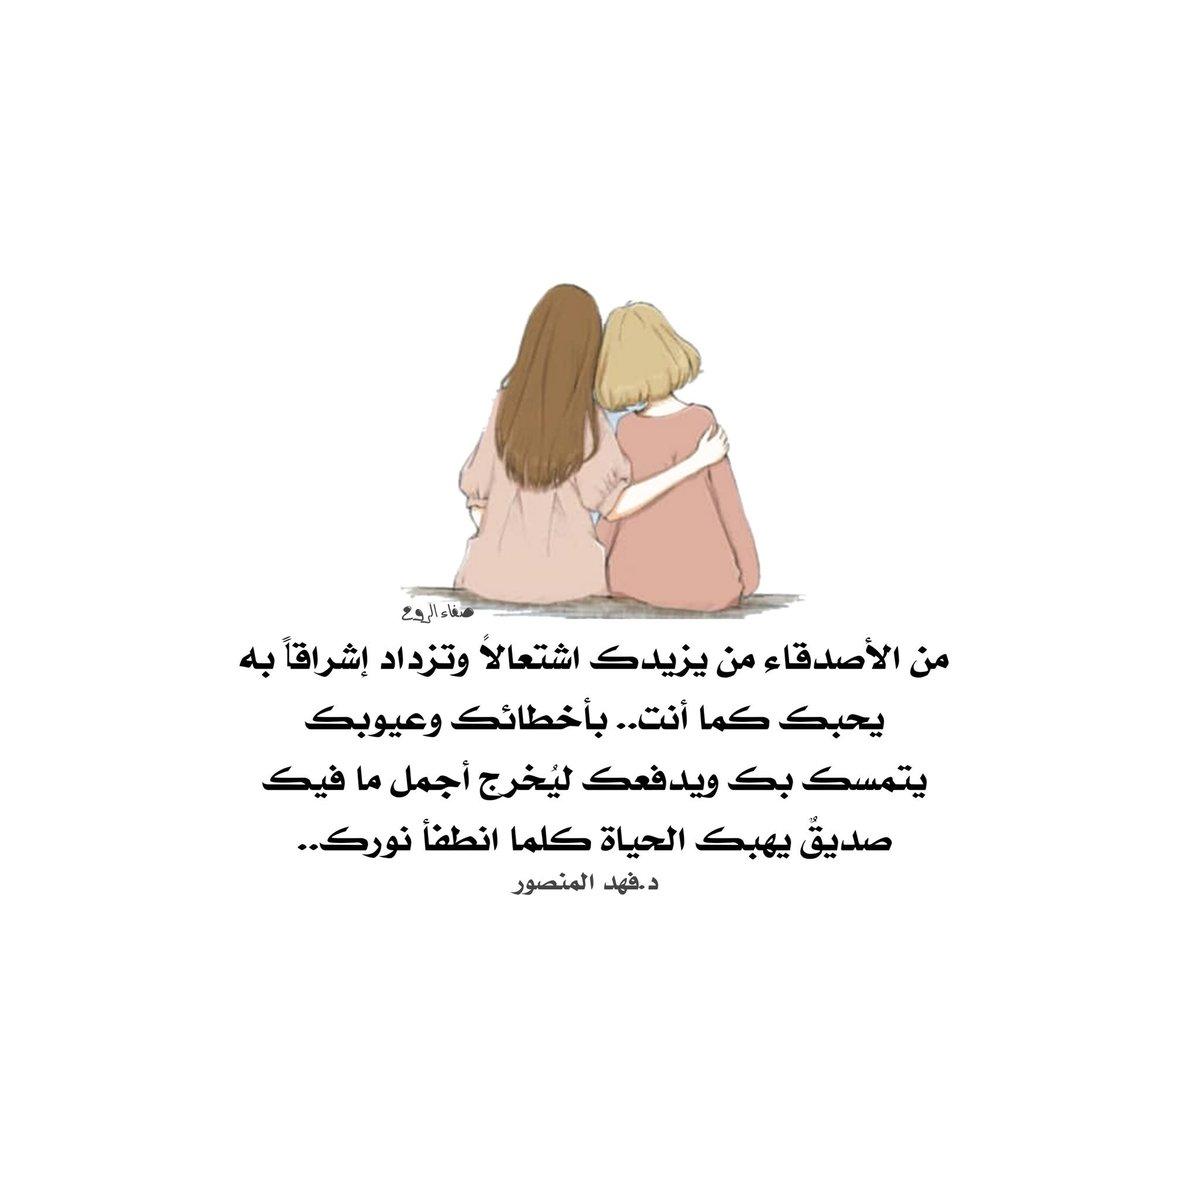 مجموعة صور لل عبارات عن الصداقة الحقيقية بالعربي